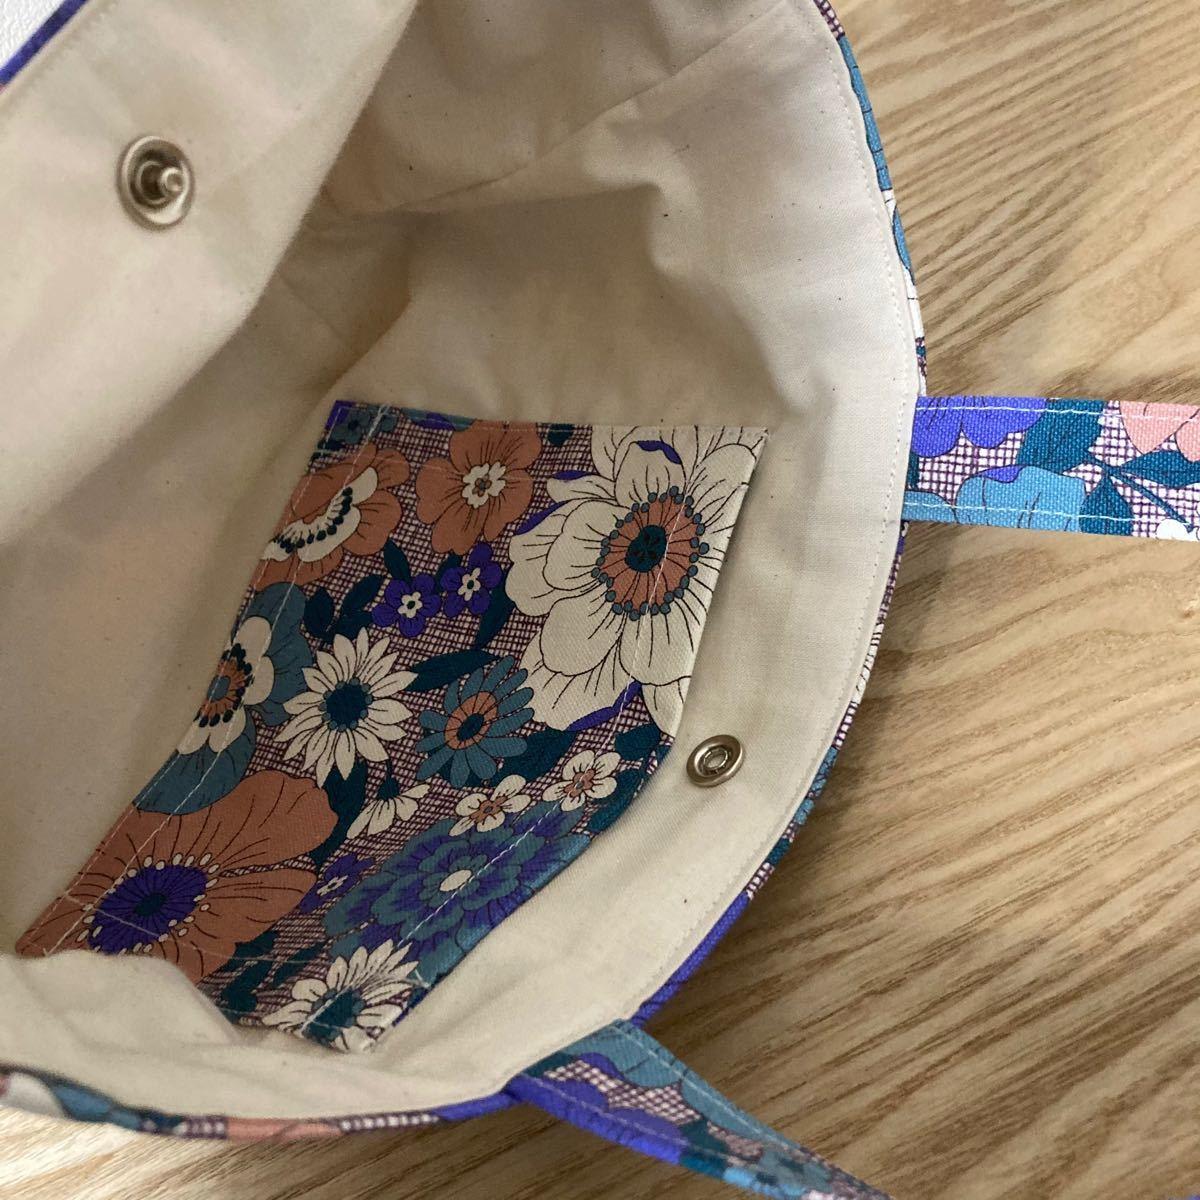 ハンドメイド 高島帆布(11号帆布) ミニトートバッグ ランチバッグ フラワー パープル